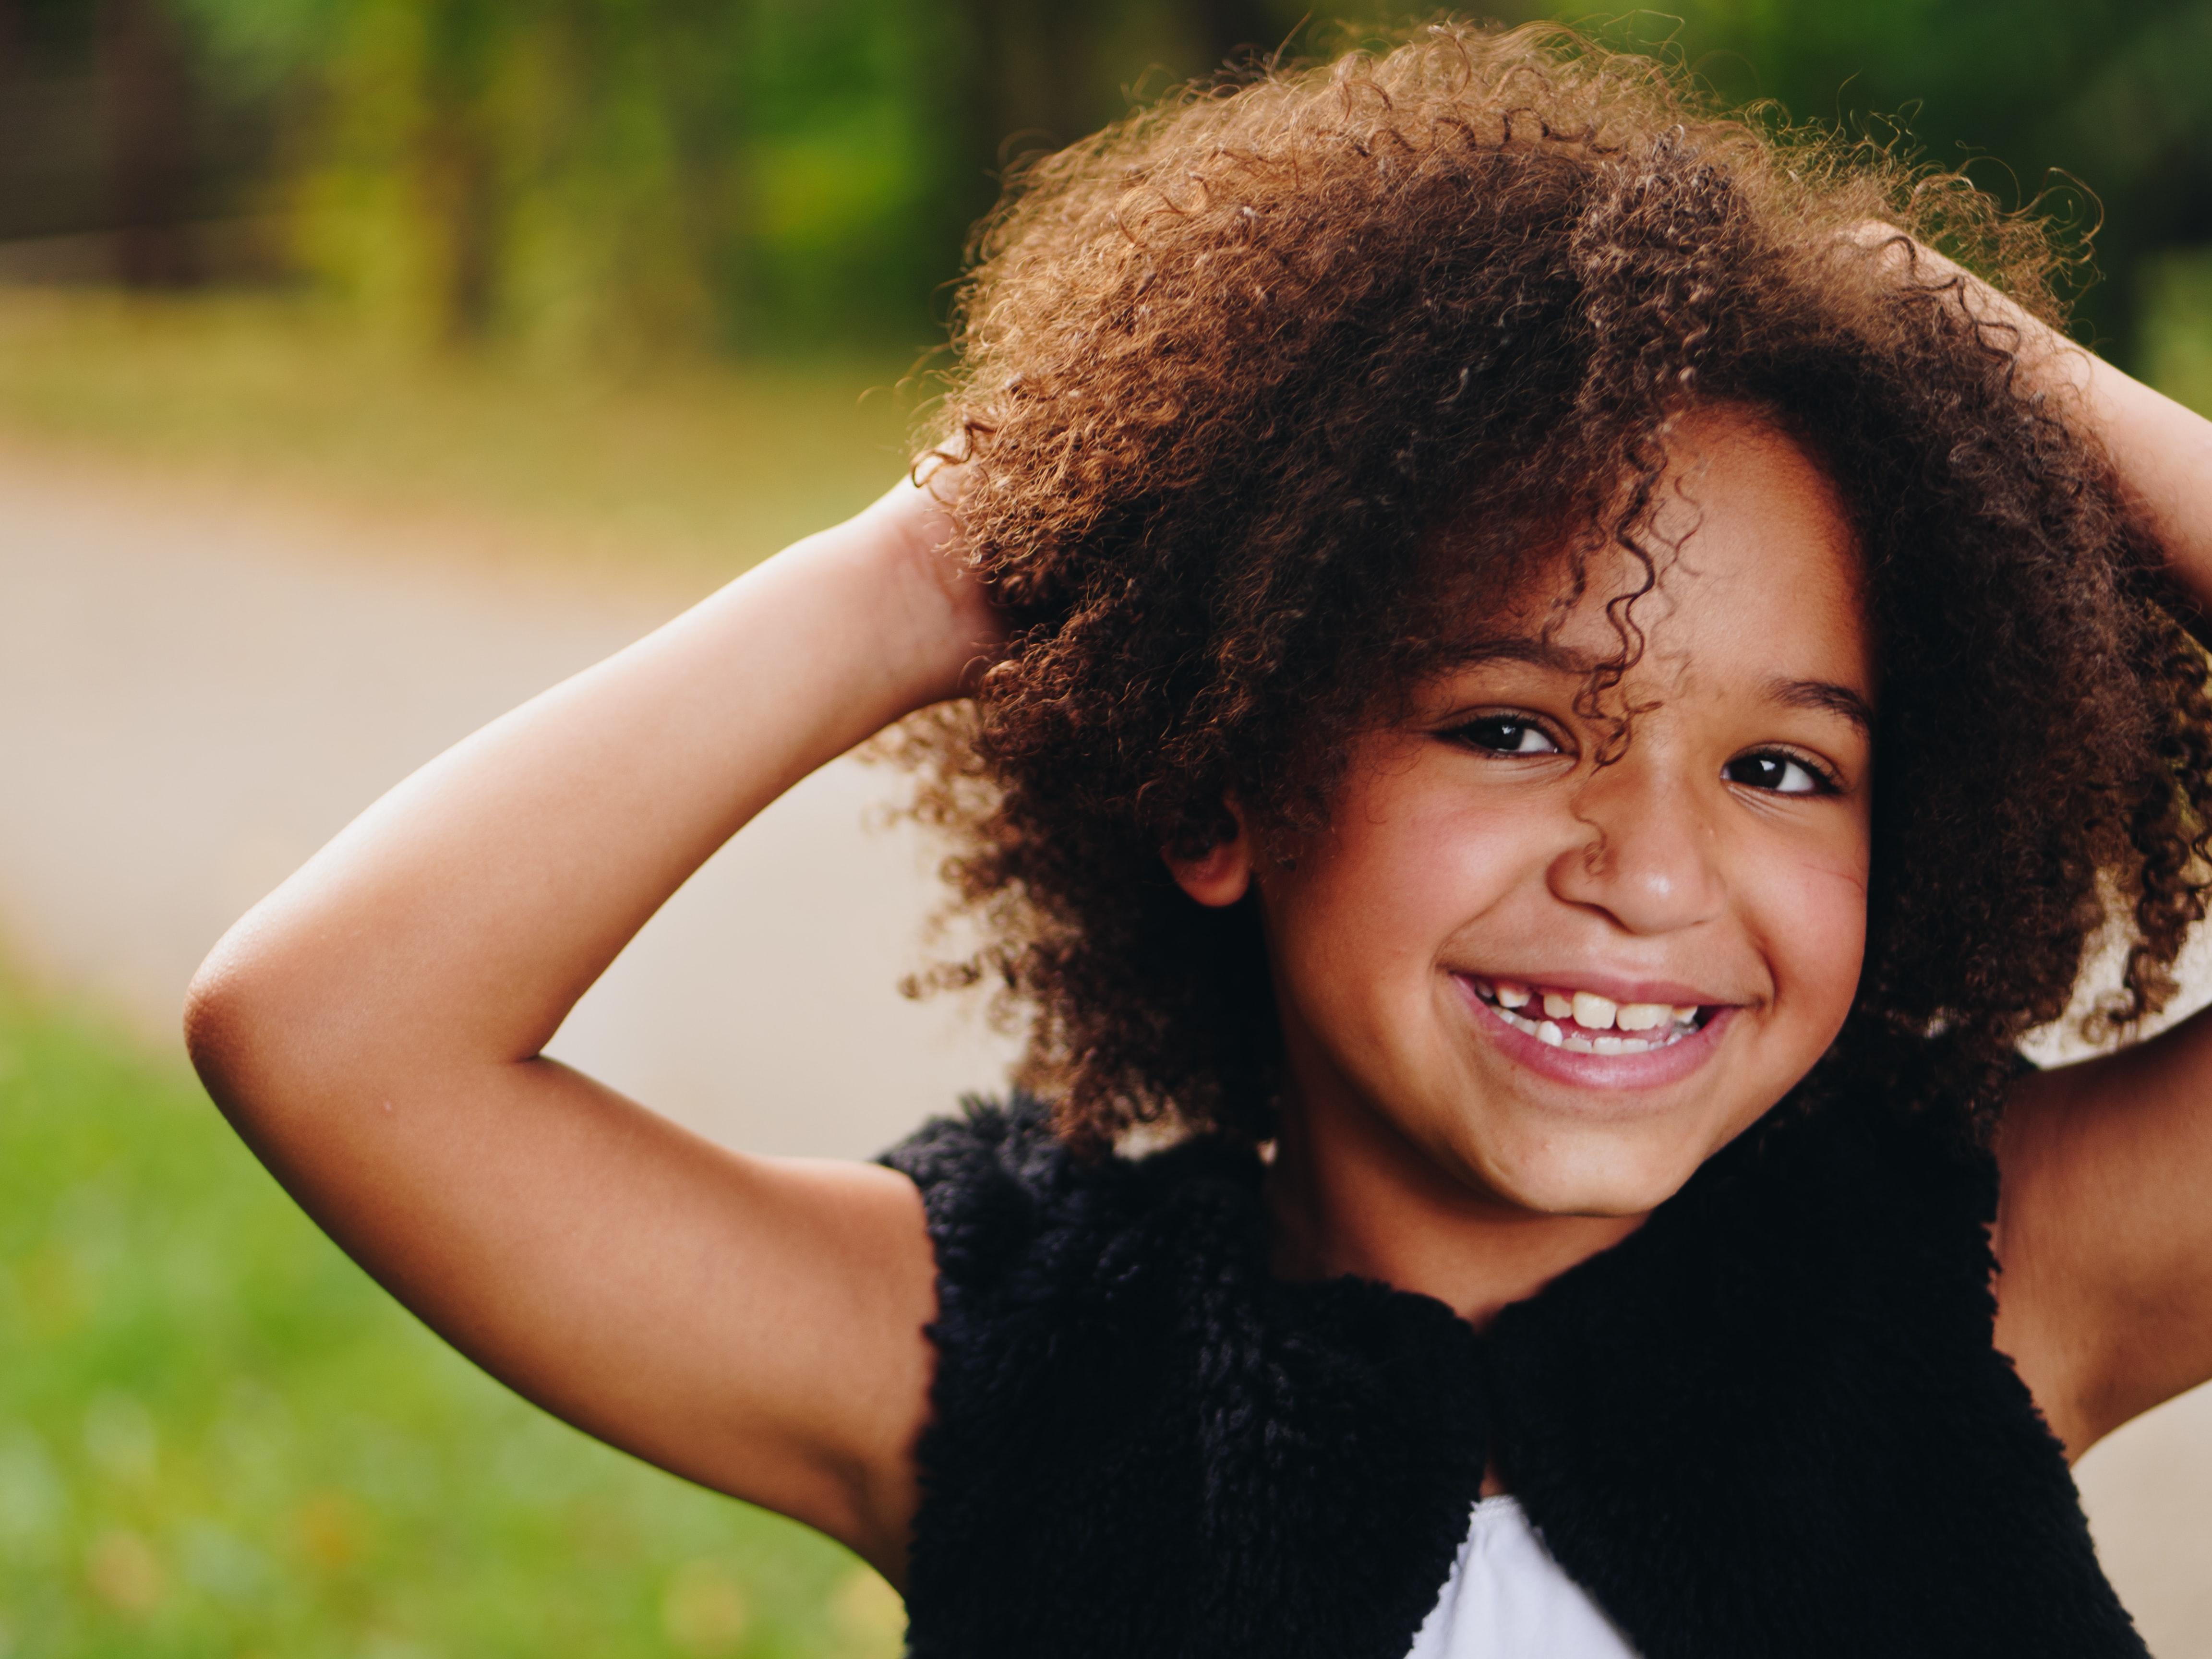 happy black girl smiling